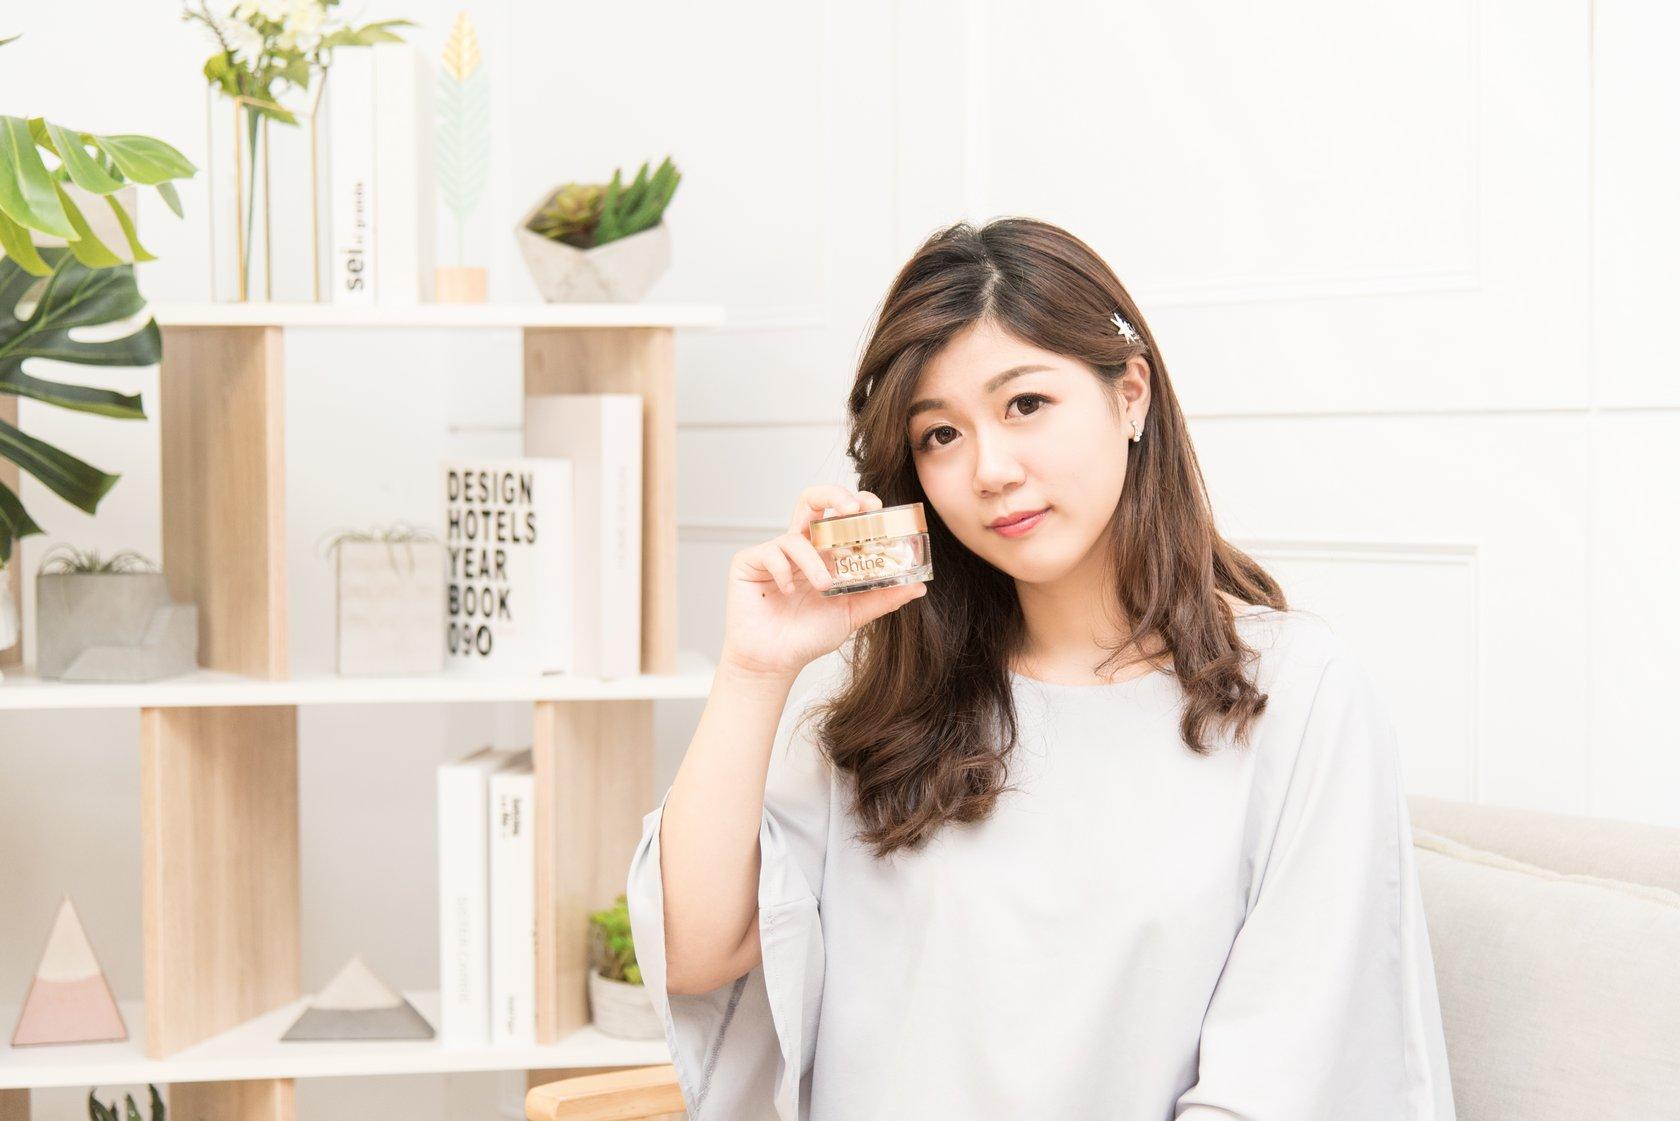 彩妝化妝服務 保養品產品代言人妝感設計